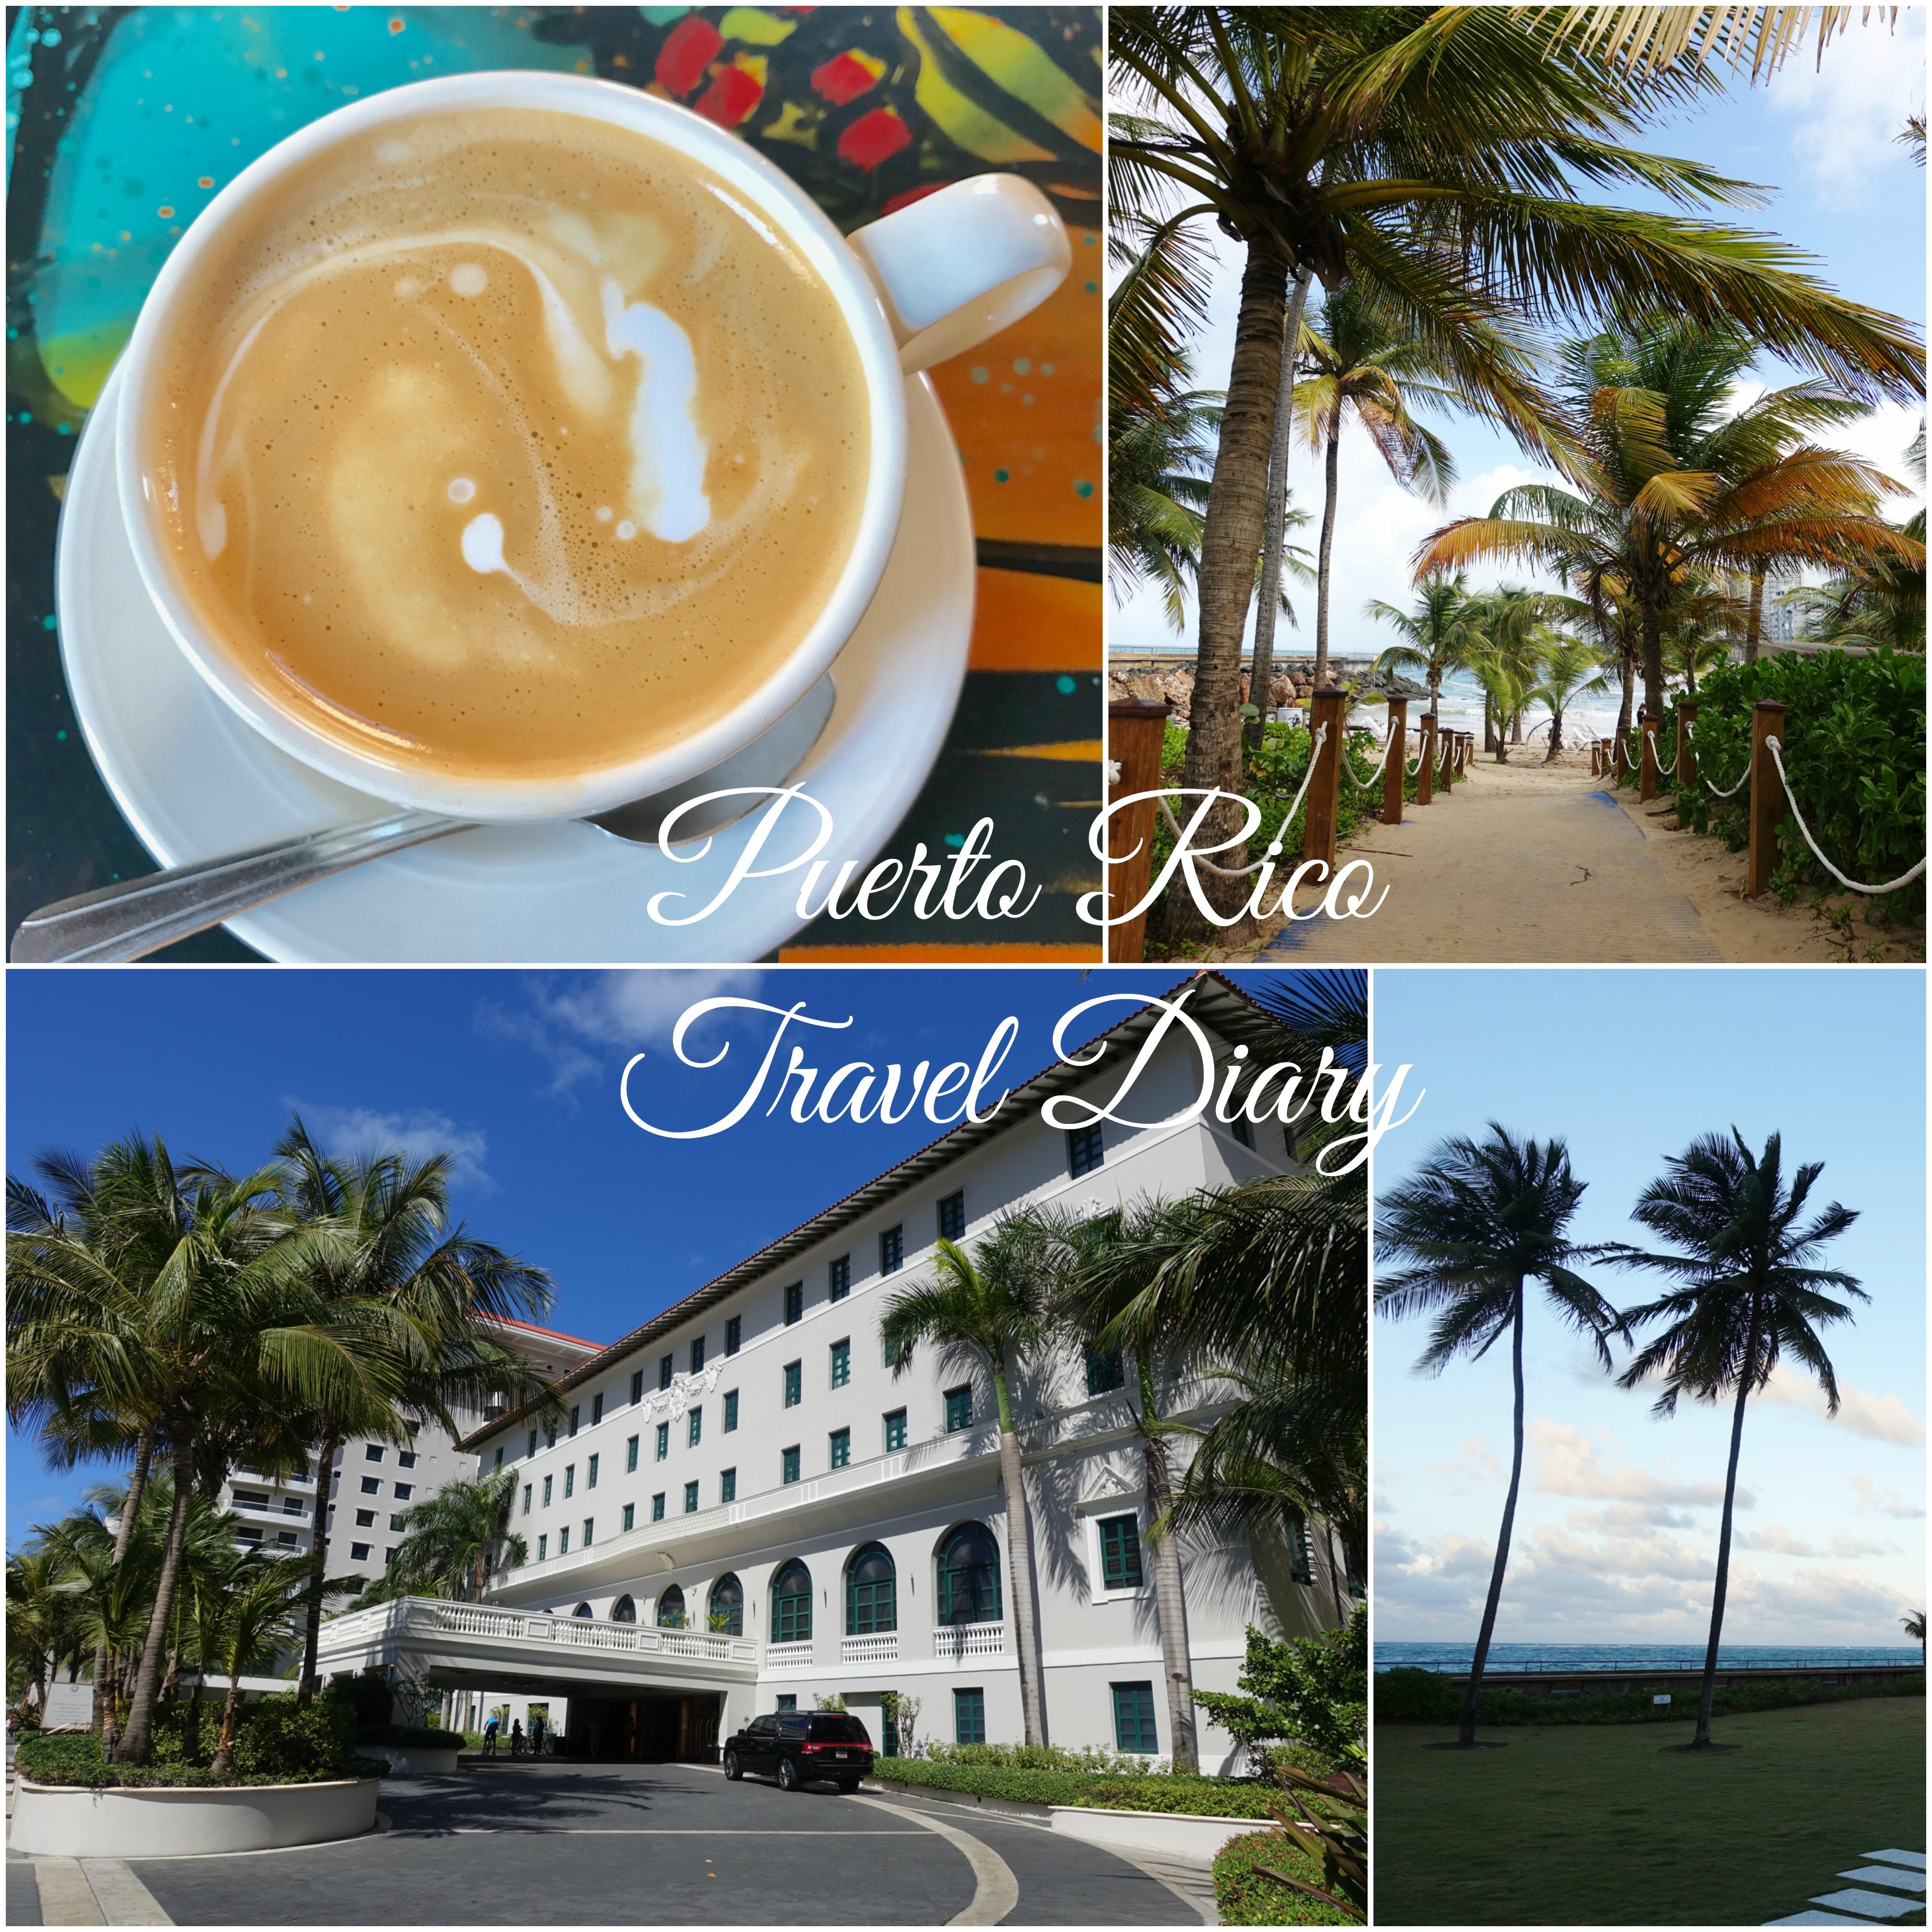 Puerto Rico Travel Diary